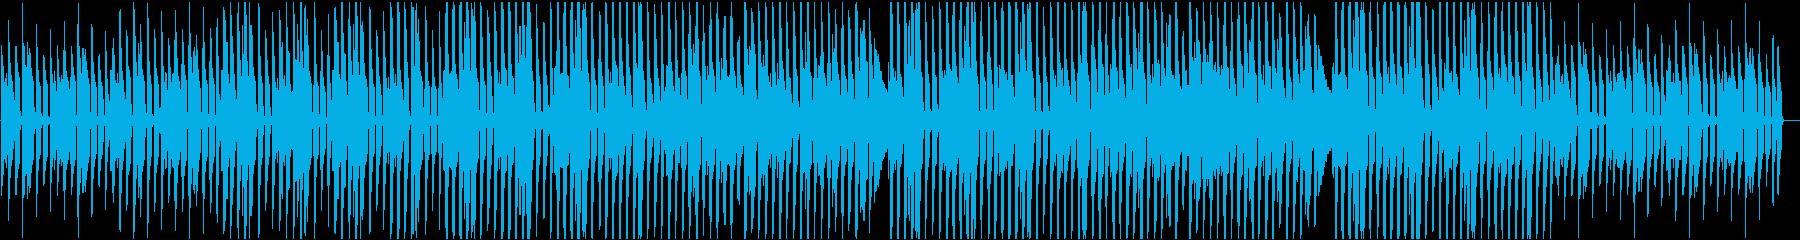 ほのぼの 犬の散歩 のん気なポップスの再生済みの波形